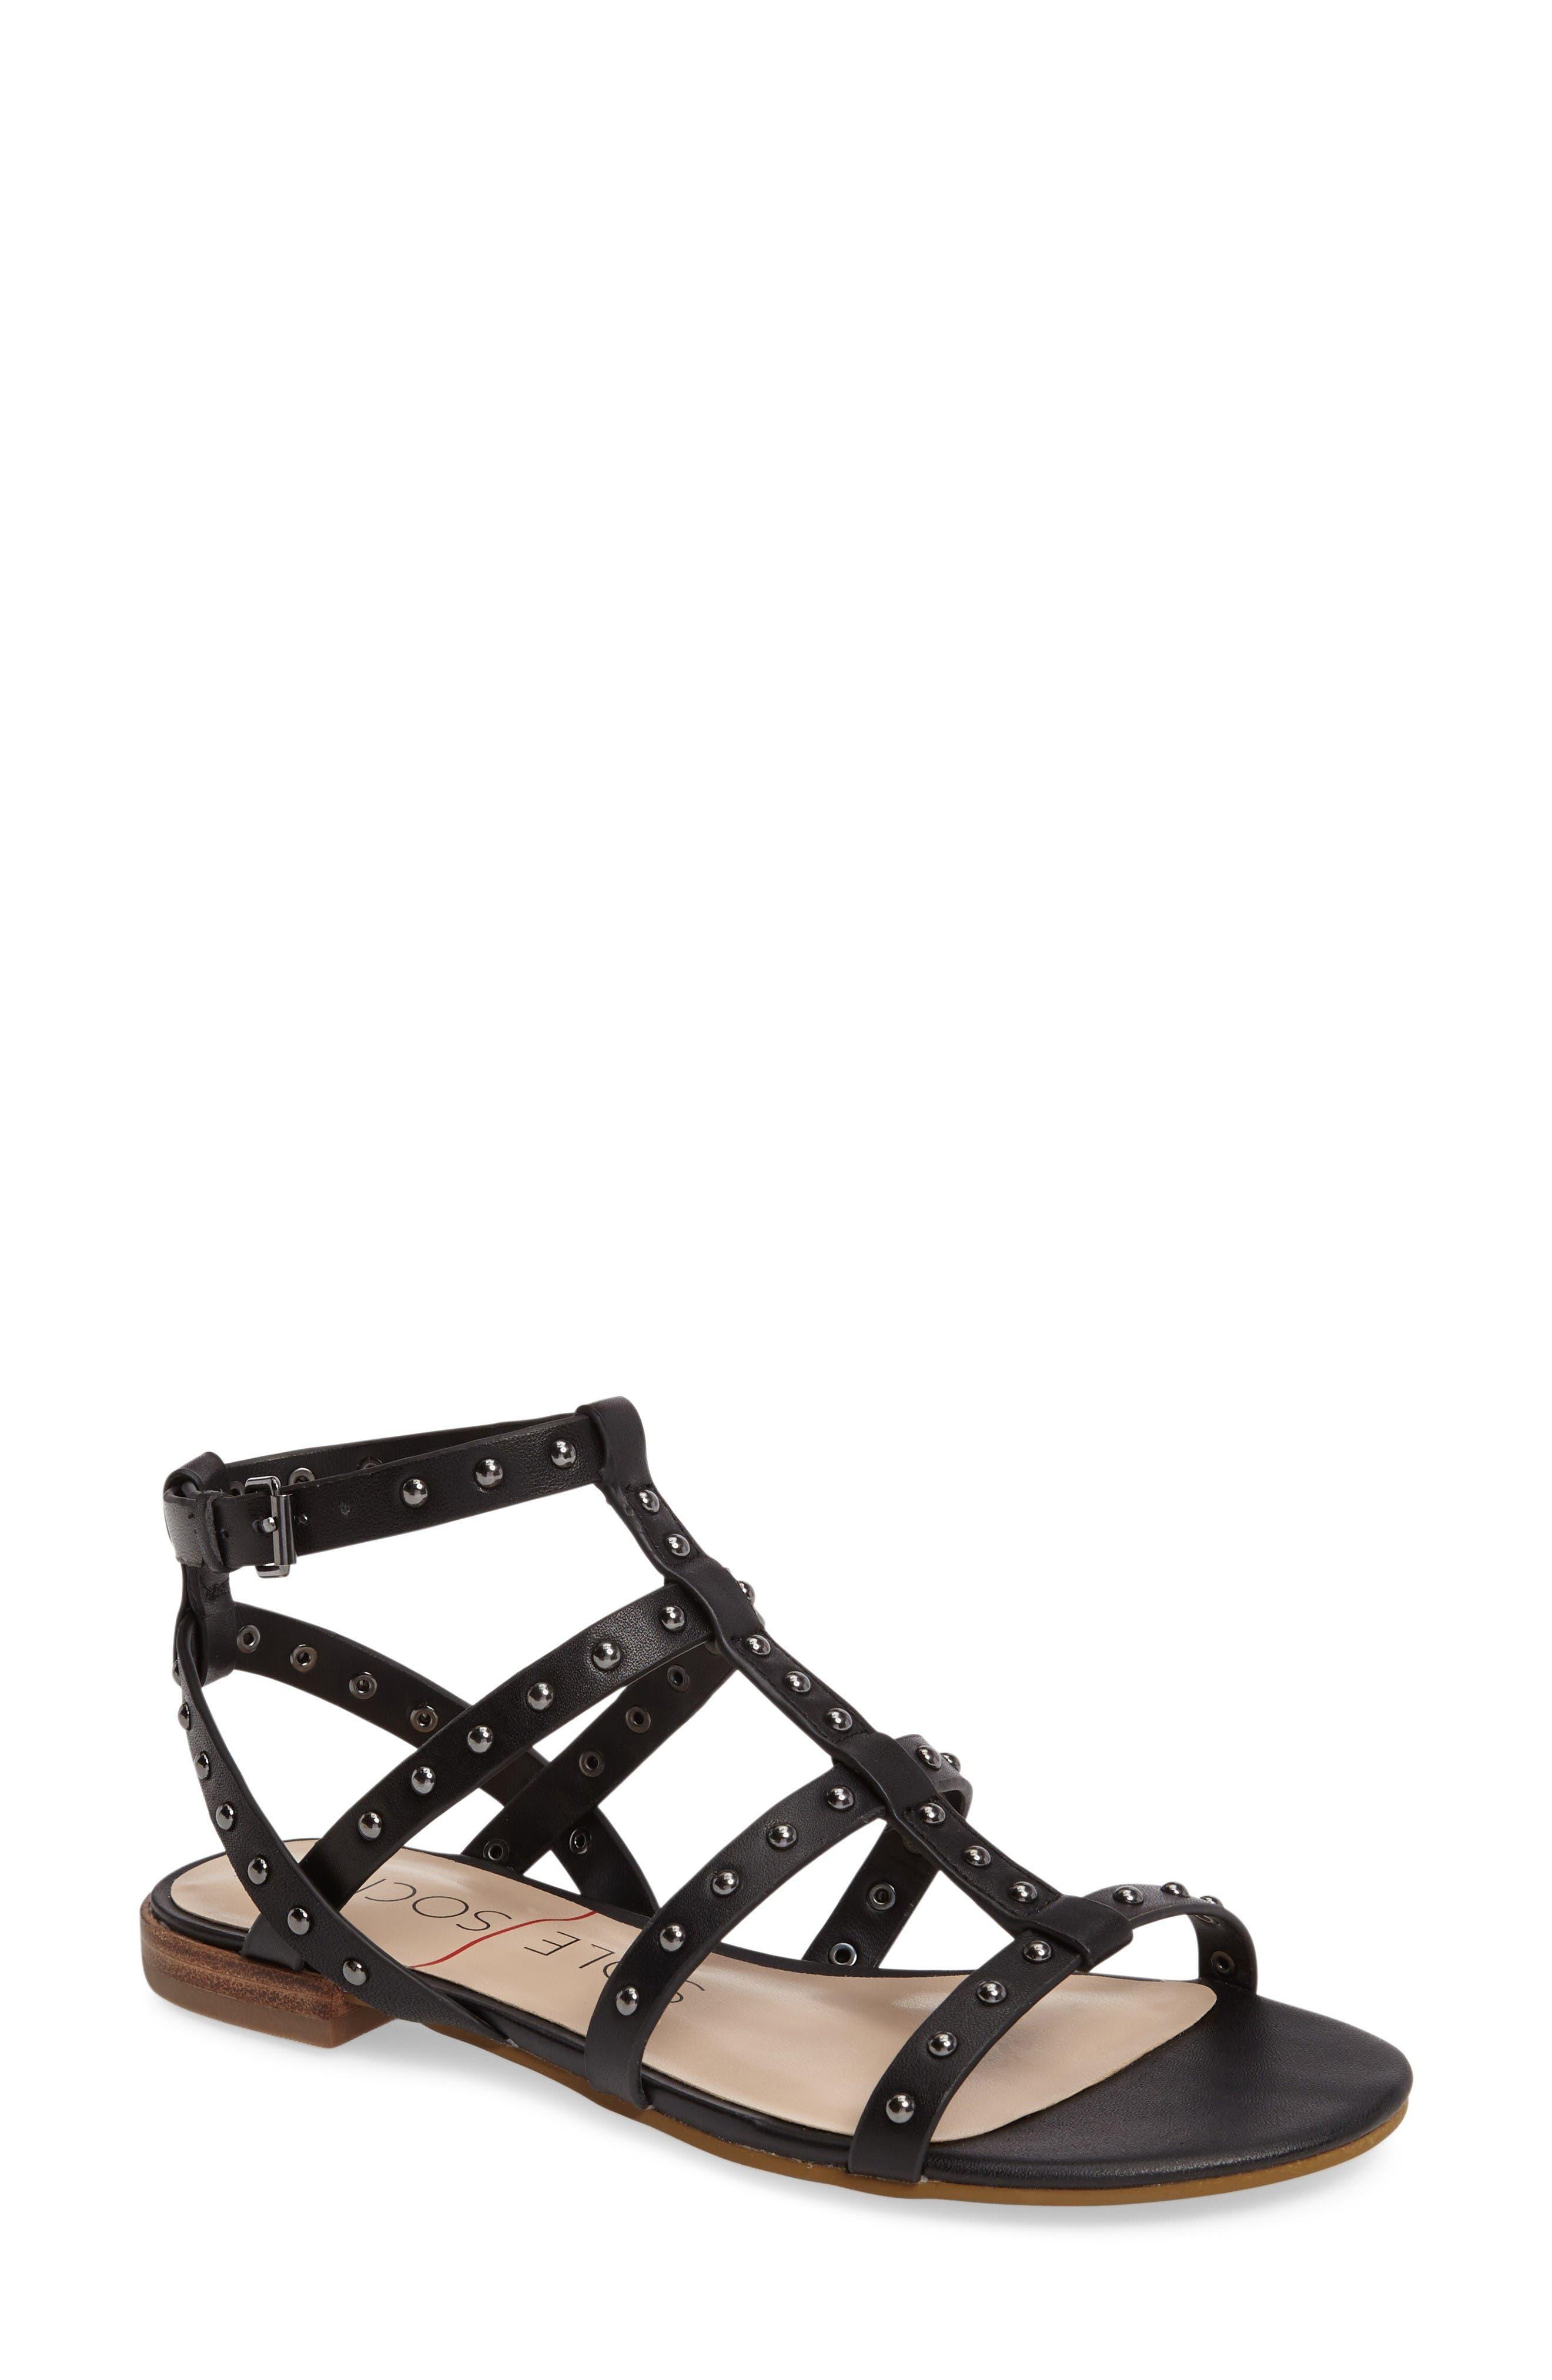 Celine Sandal,                         Main,                         color, Black Leather